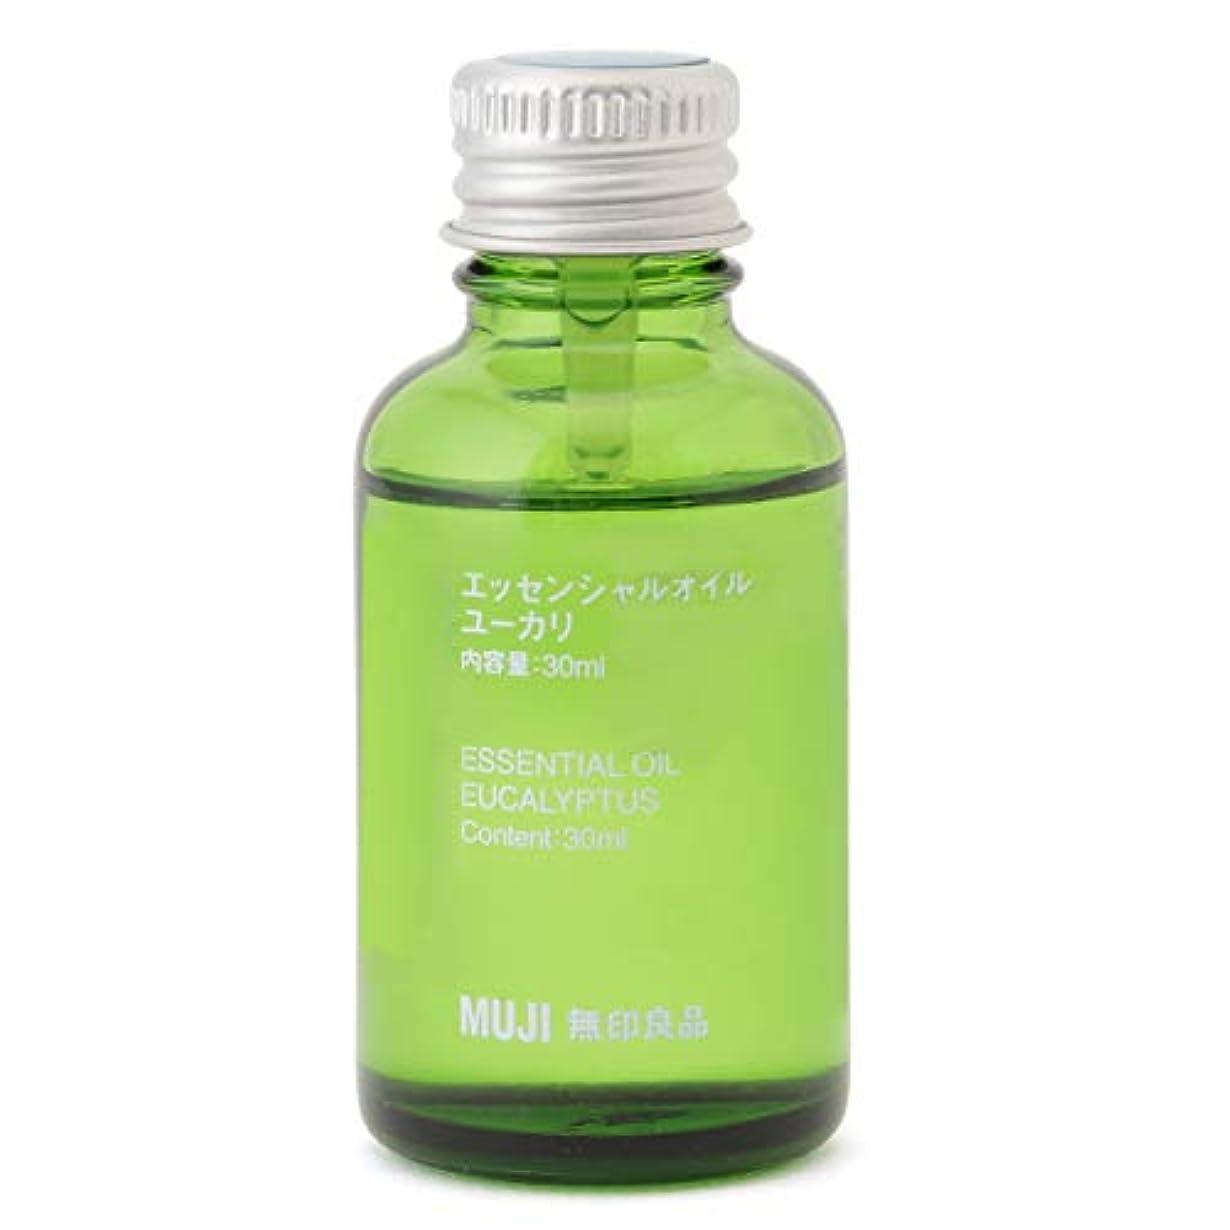 第満了狂気【無印良品】エッセンシャルオイル30ml(ユーカリ)